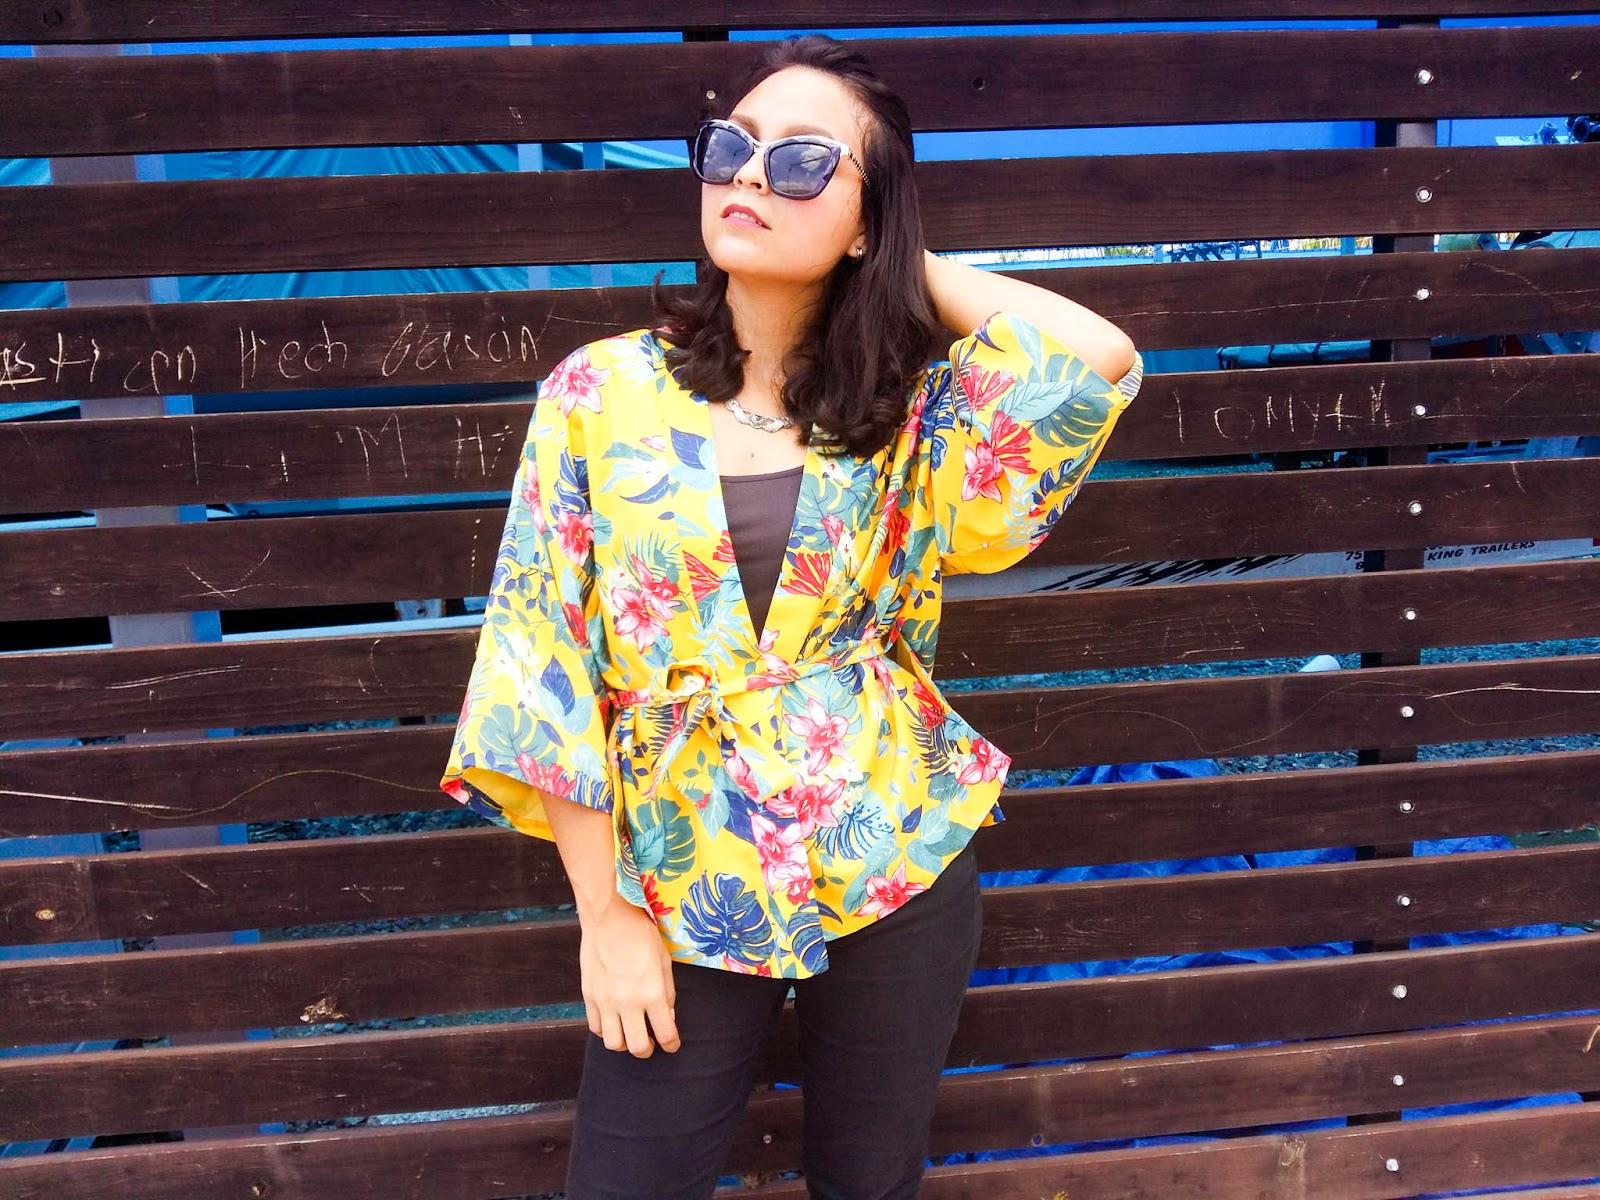 Zaful Kimono review